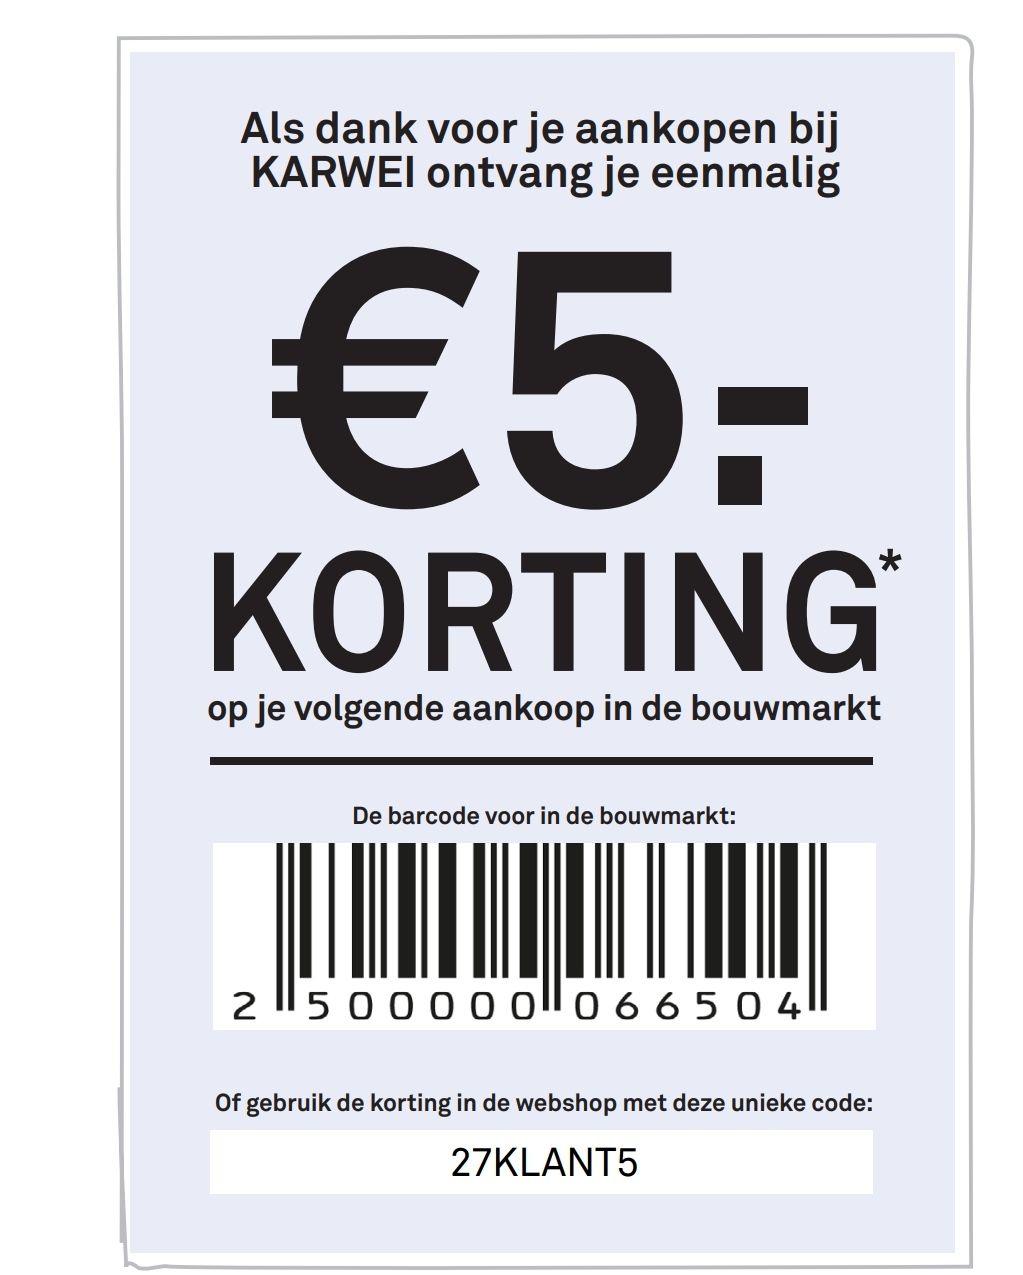 5 euro korting @ Karwei (vanaf 50 euro) in winkel of webshop. Geldig tot 31-12